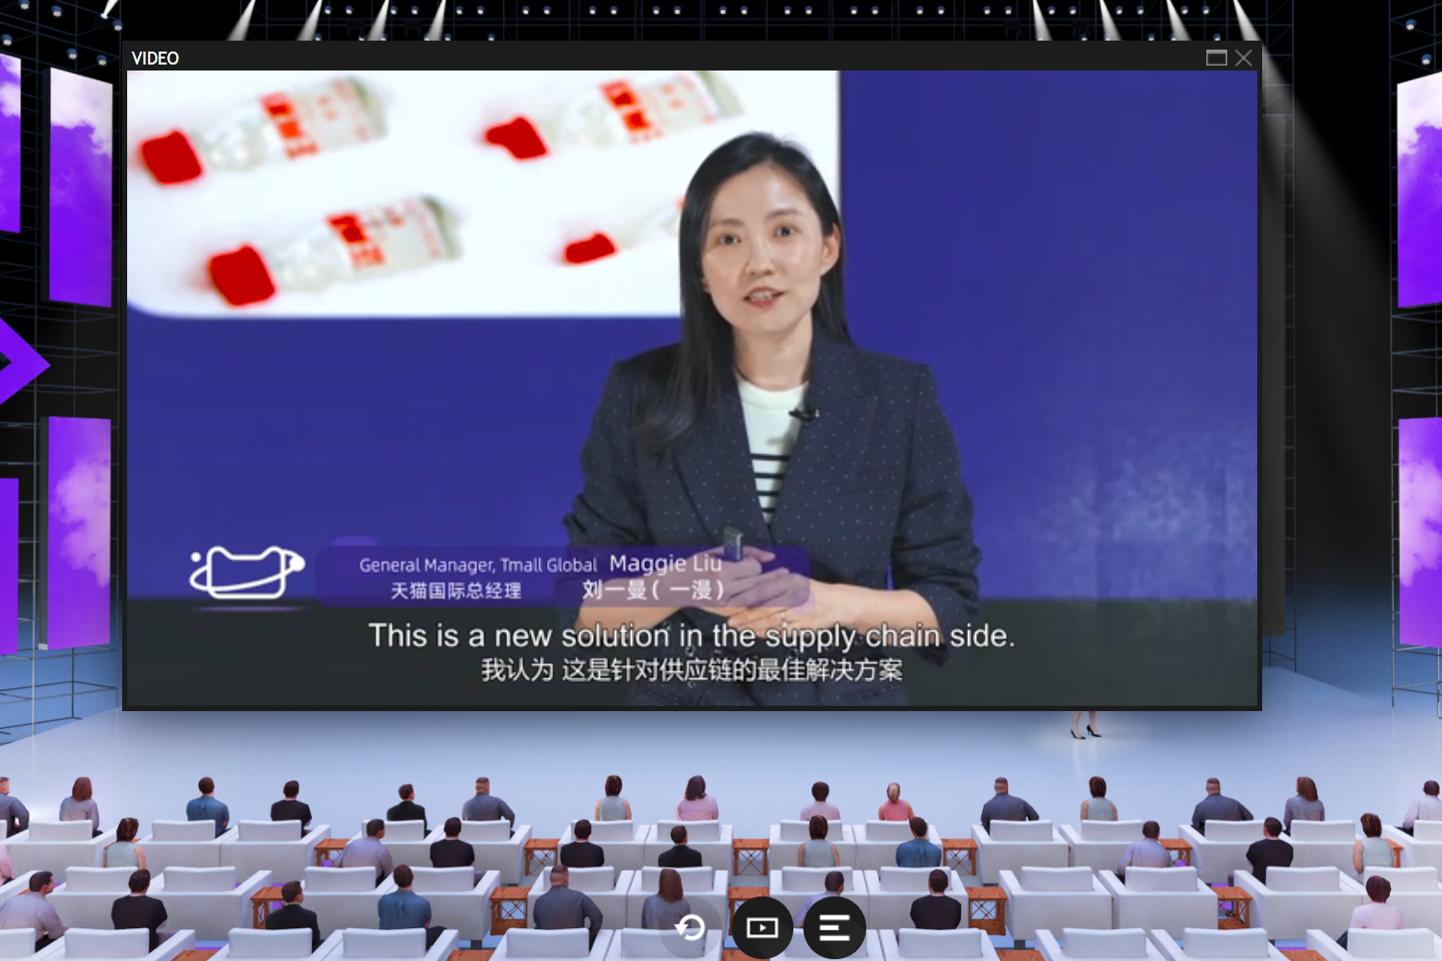 Maggie-Liu-at-TMG-Summit-Tmall-Global